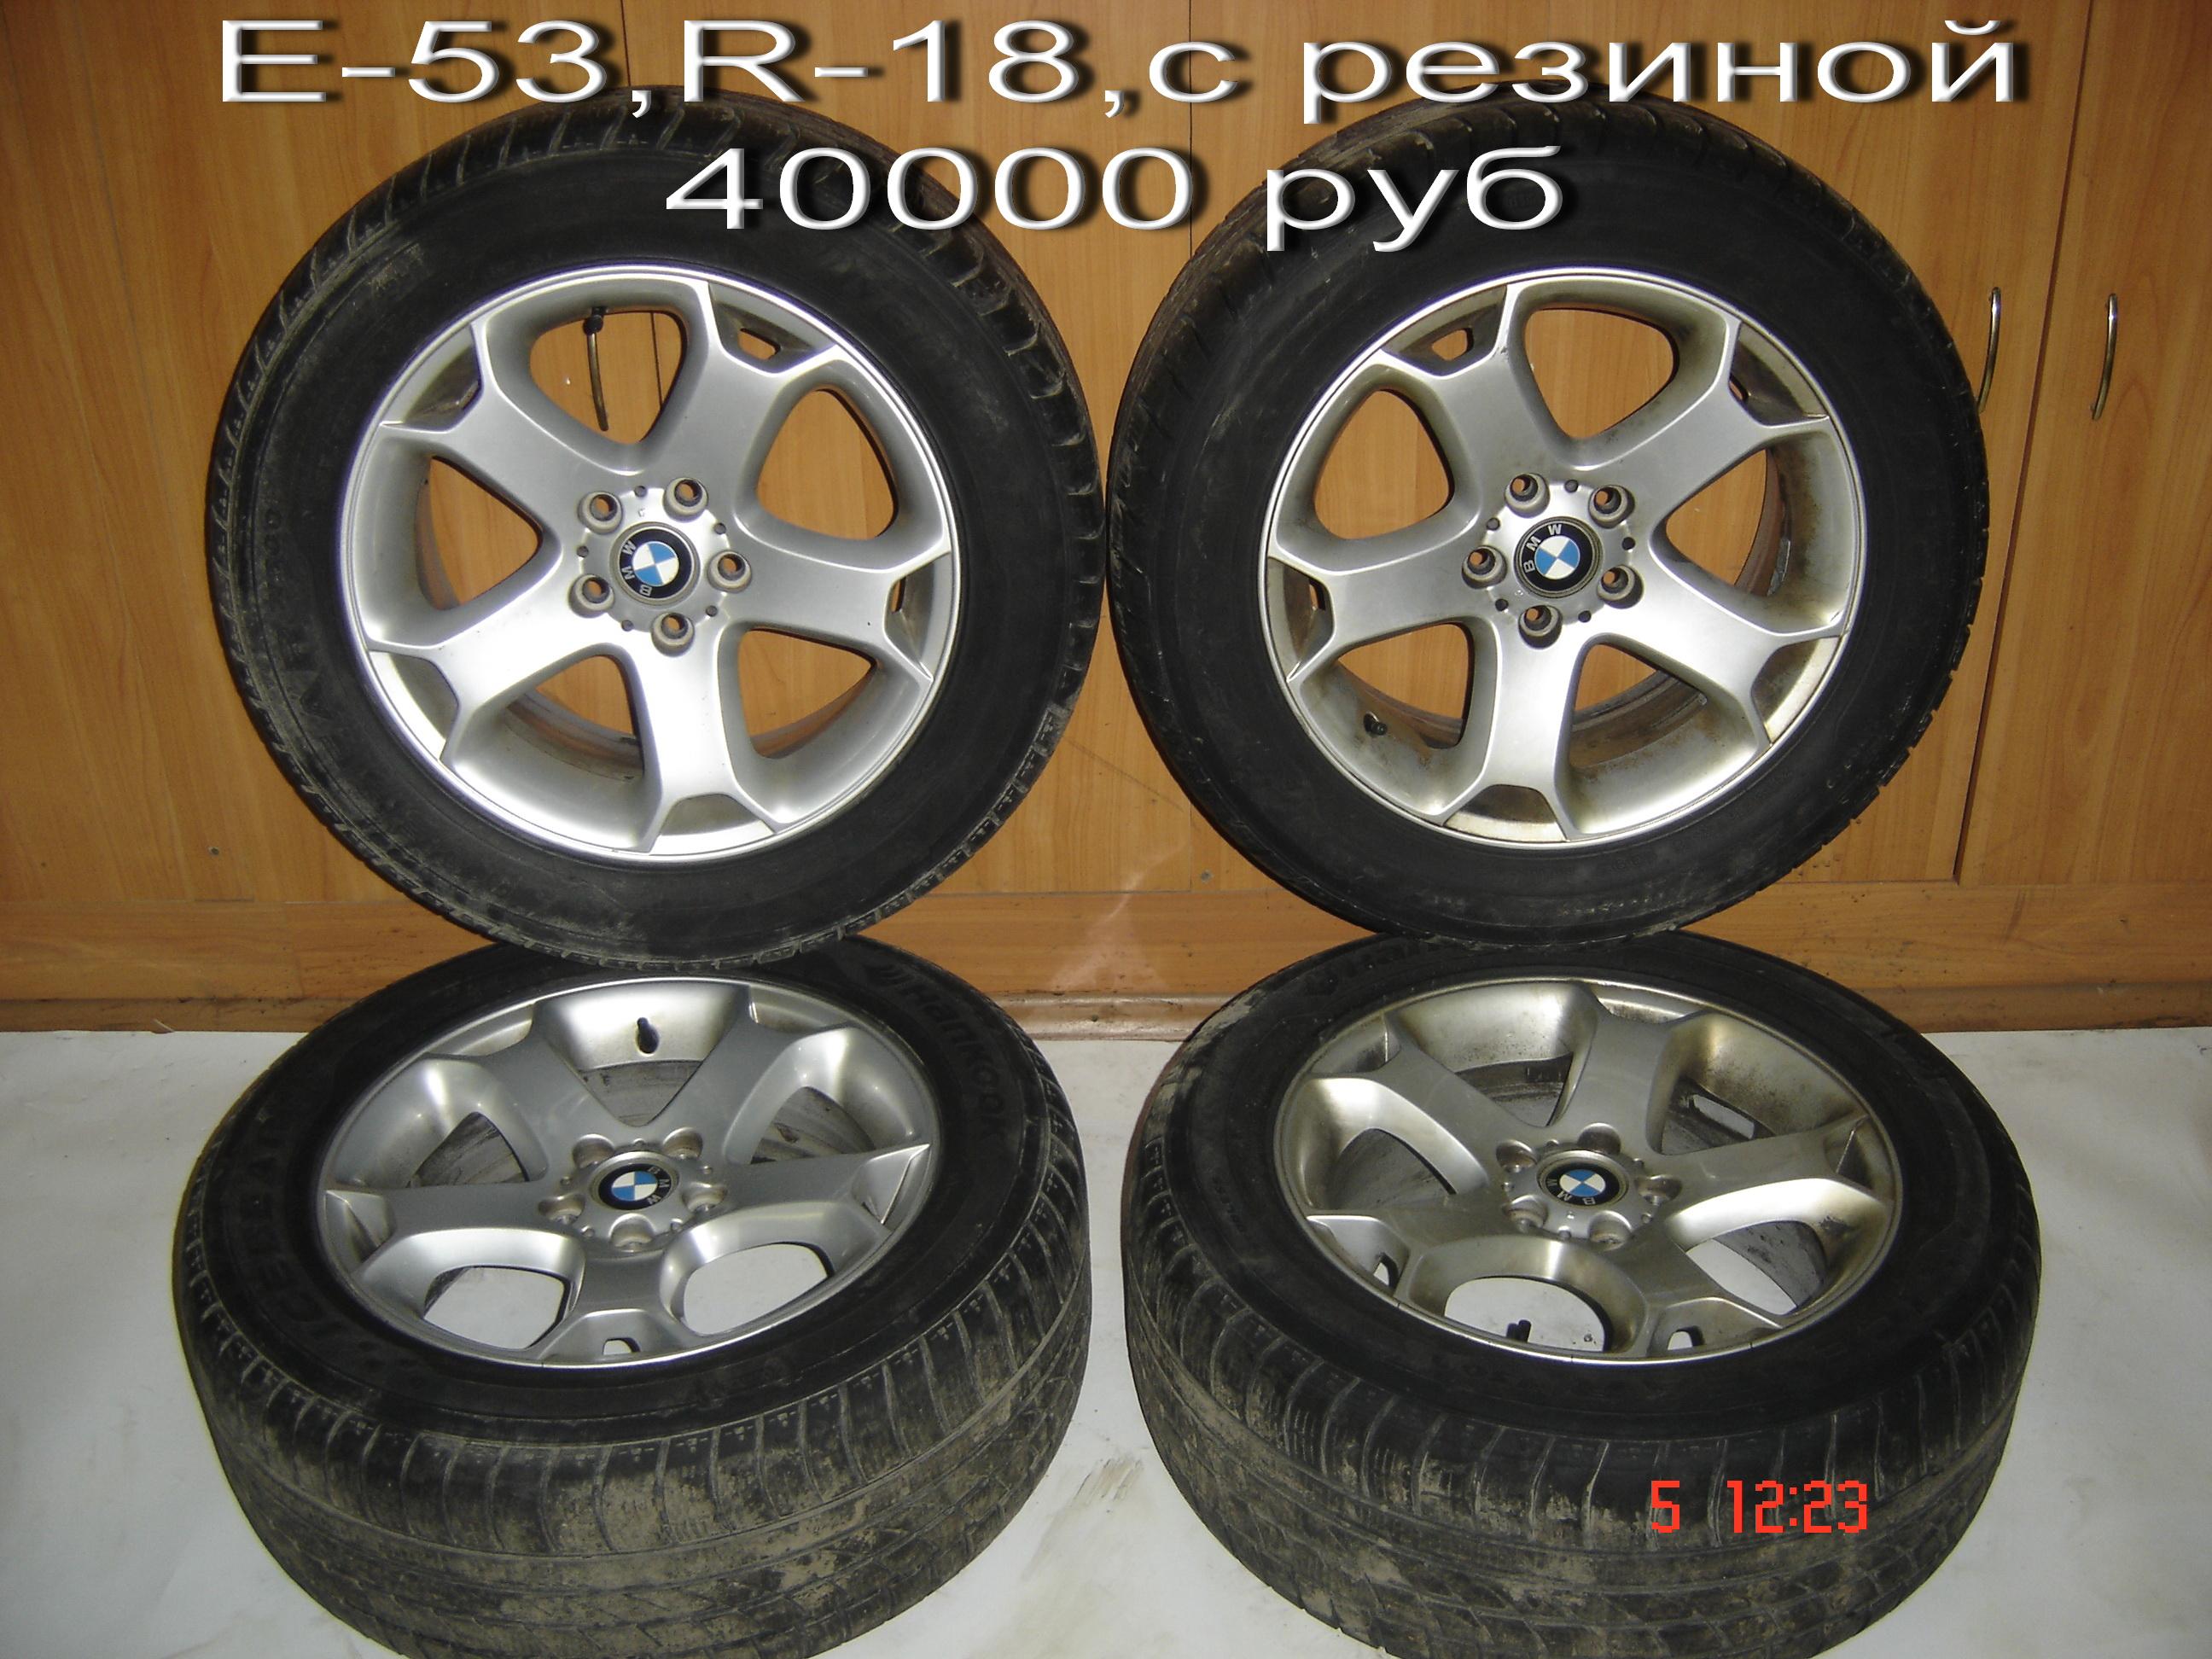 Всё в сборе -- 30 рублей кусками -- диски 20, шины 15 фотге -- по запросу контакты -- в личку